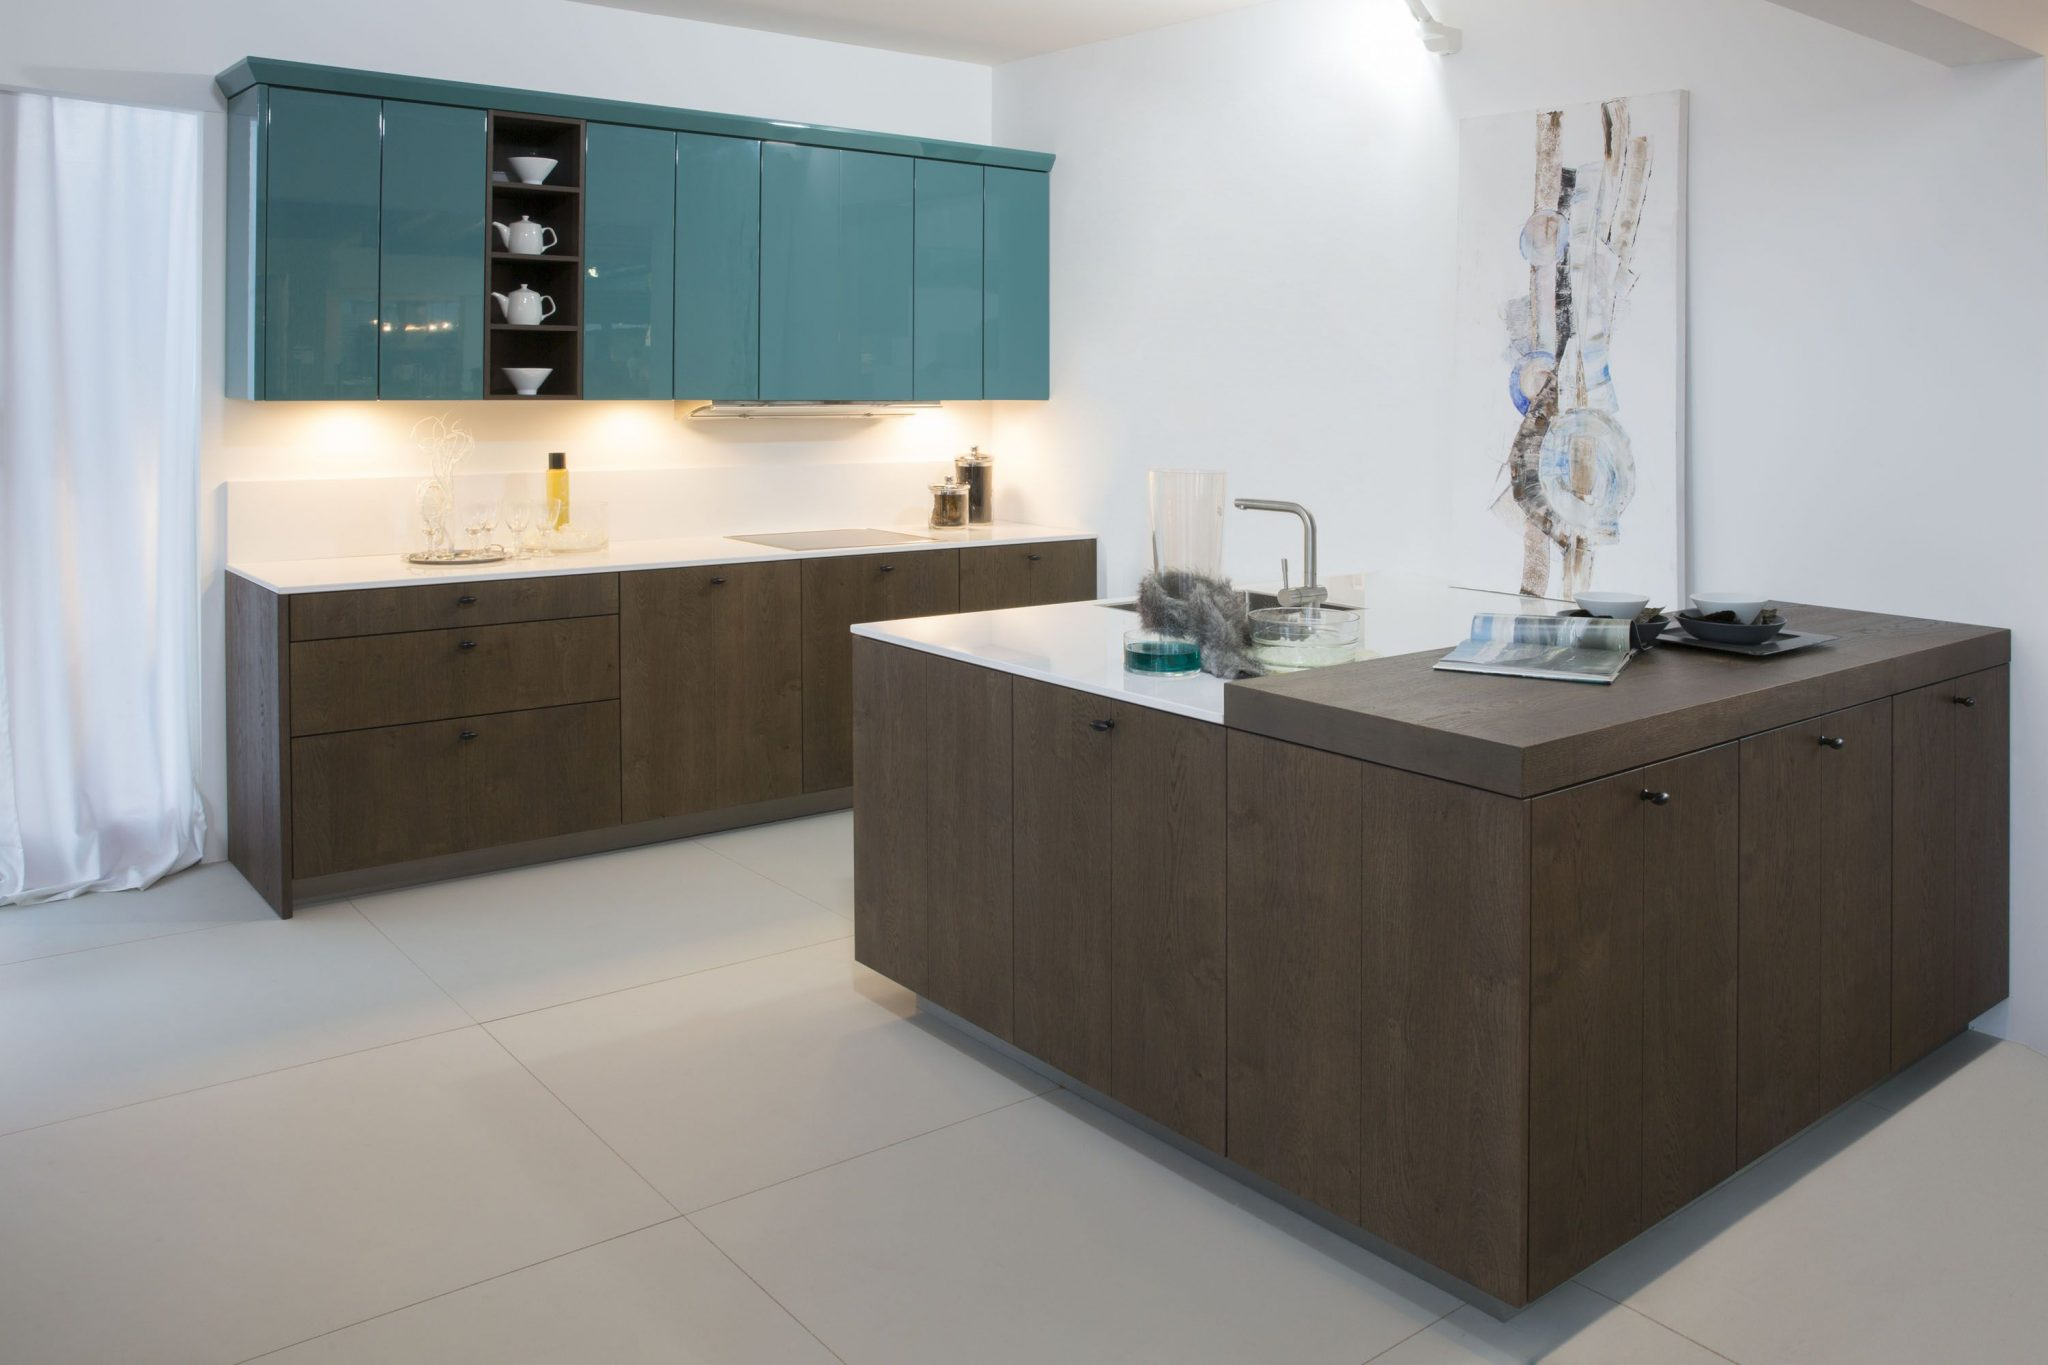 Grote houtenkeuken 21.5 bkb keukens